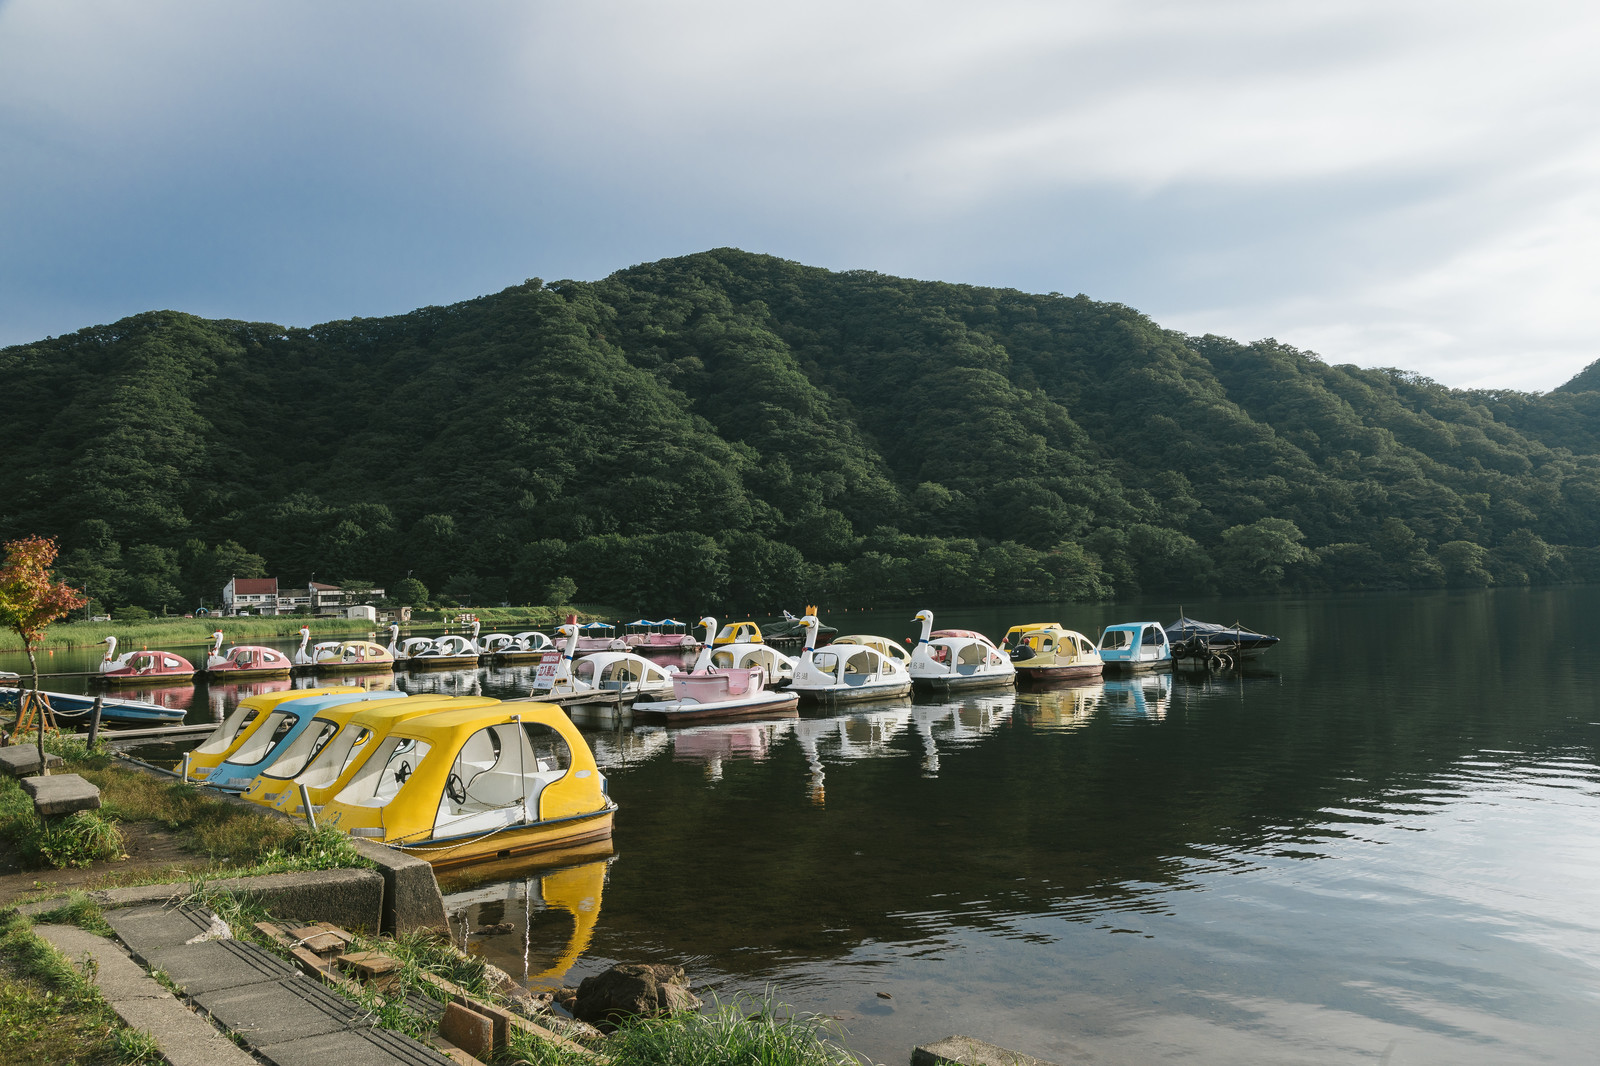 「スワンボート(榛名湖)スワンボート(榛名湖)」のフリー写真素材を拡大